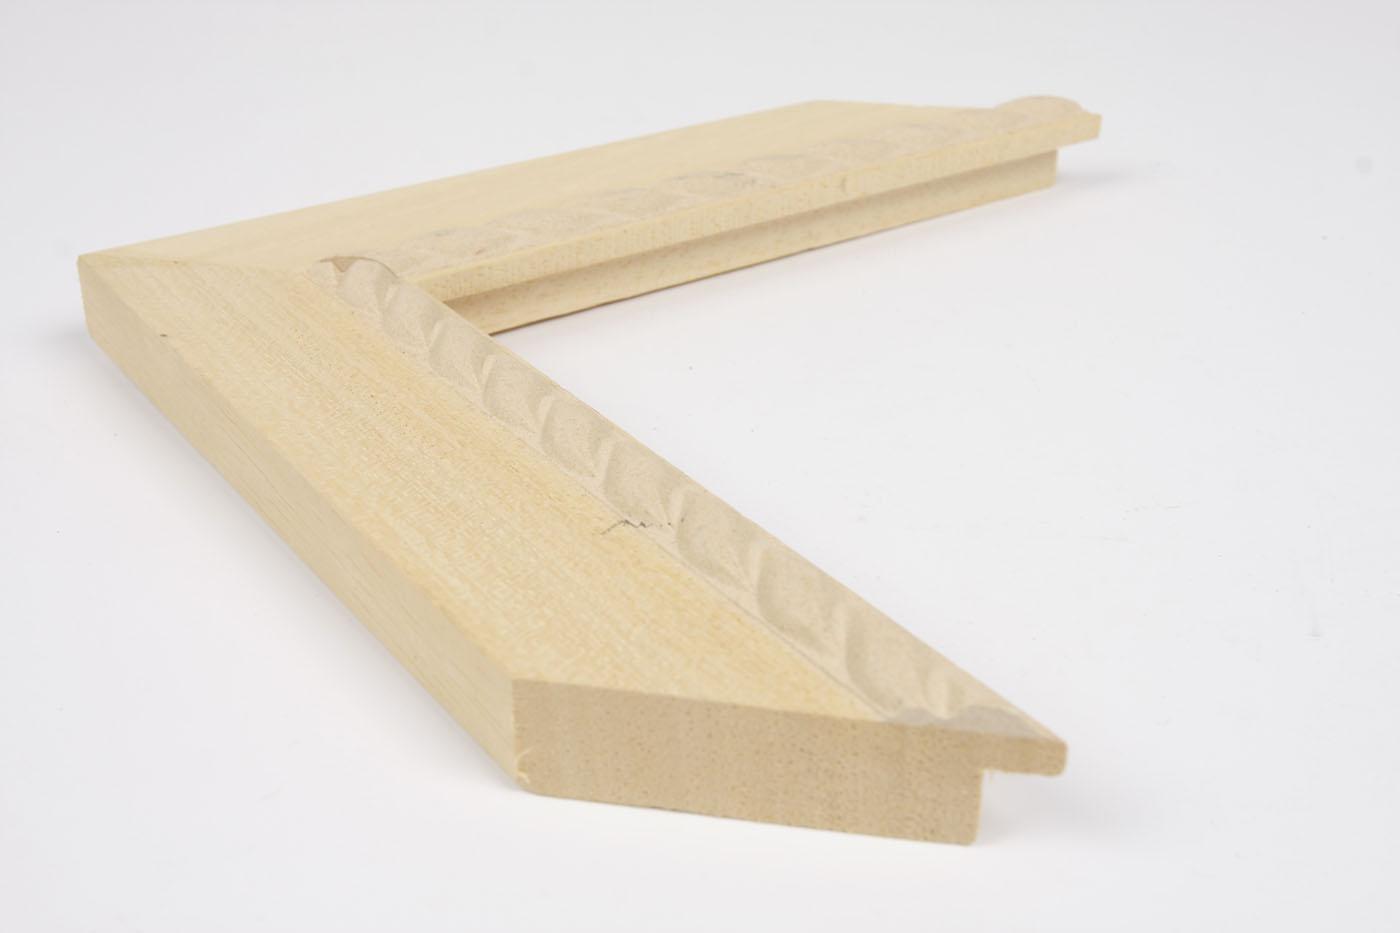 00213-MADERA-G-ancho4,1cm-perfil